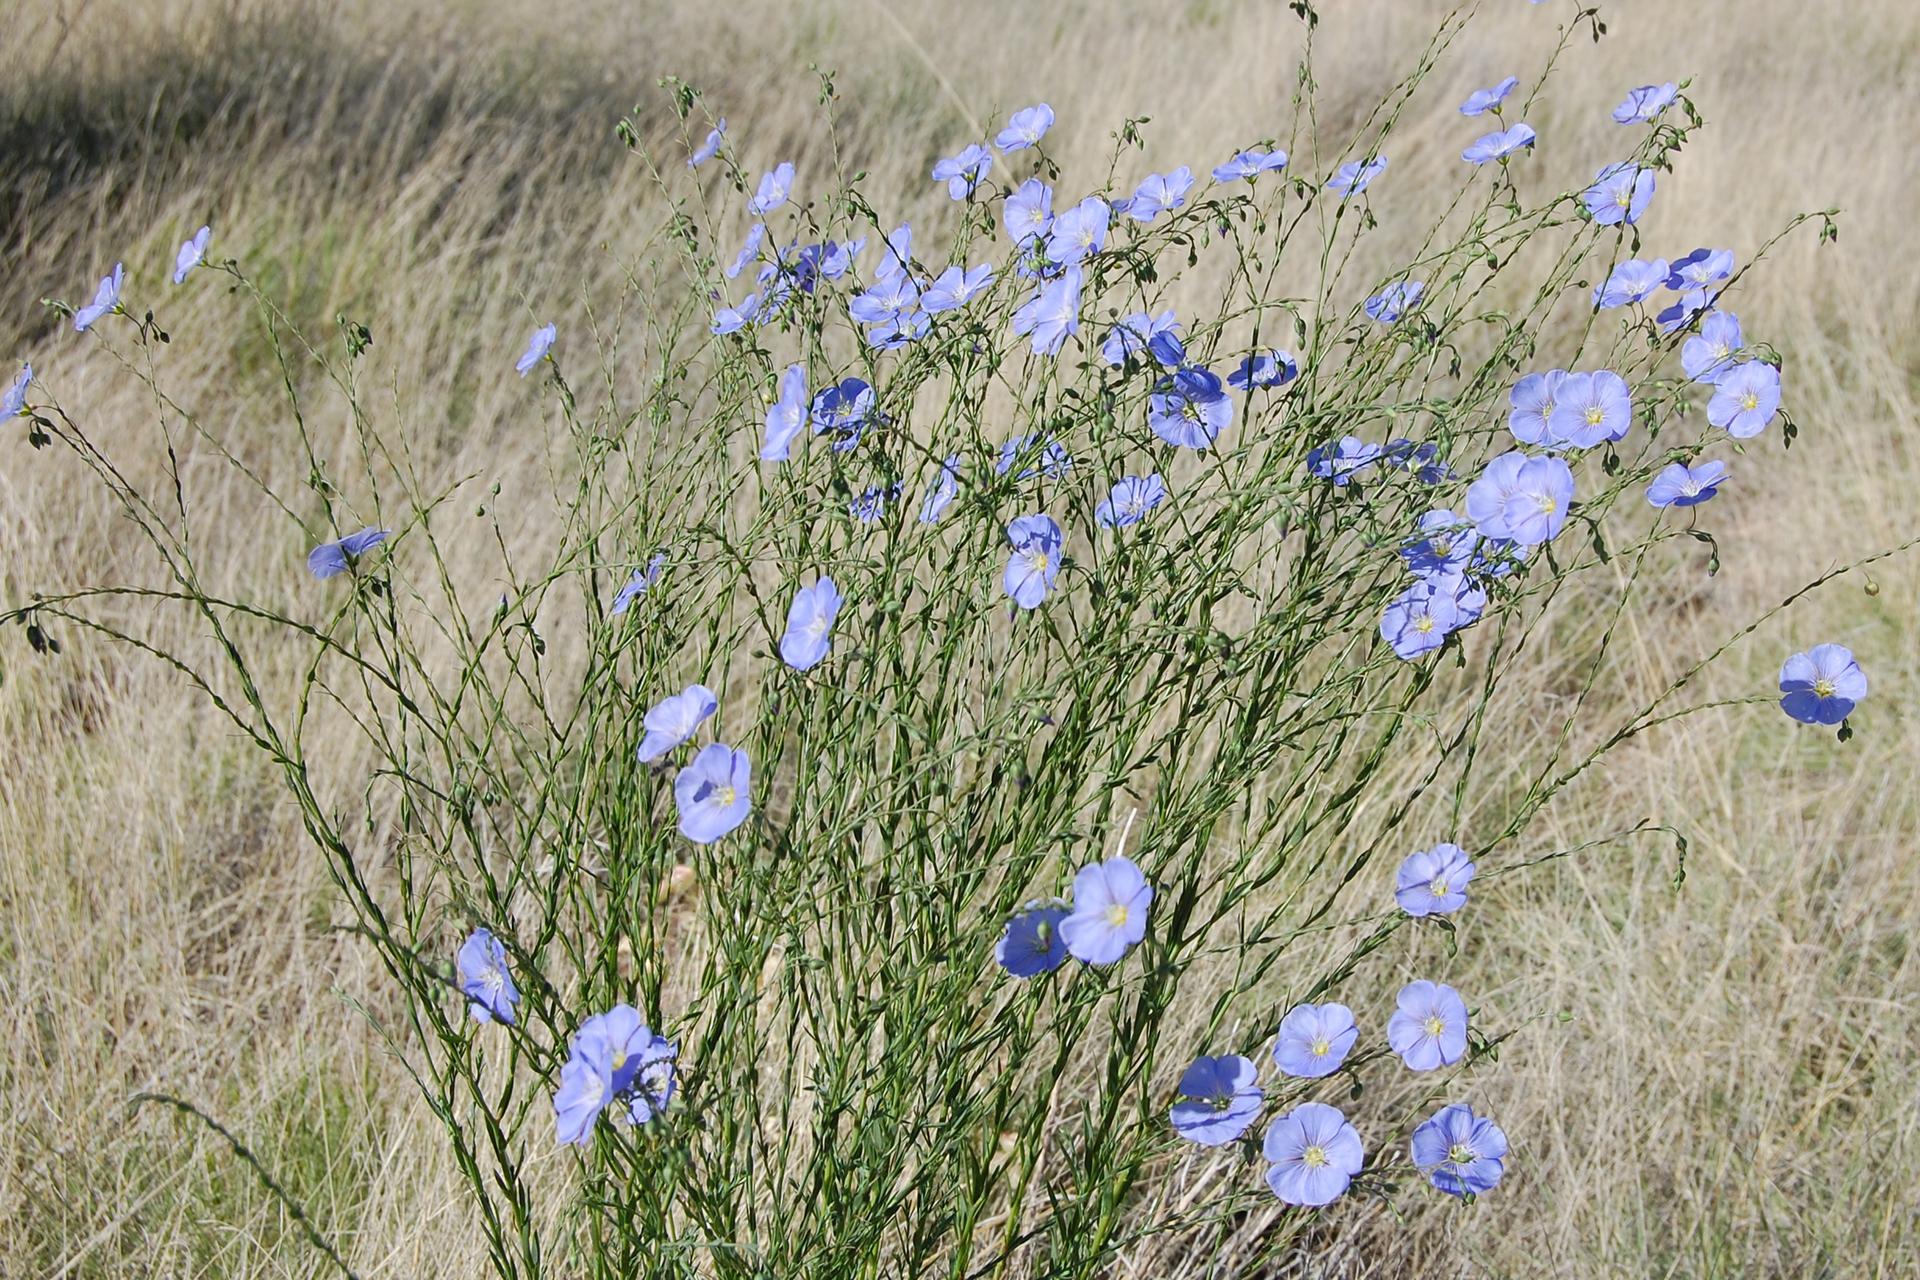 Fotografia przedstawia pędy lnu zbłękitnymi kwiatami na szczycie. Len rośnie wśród zeschniętej trawy. Jego łodygi są cieniutkie, liście wąskie, krótkie. Len jest rośliną jednoroczną.